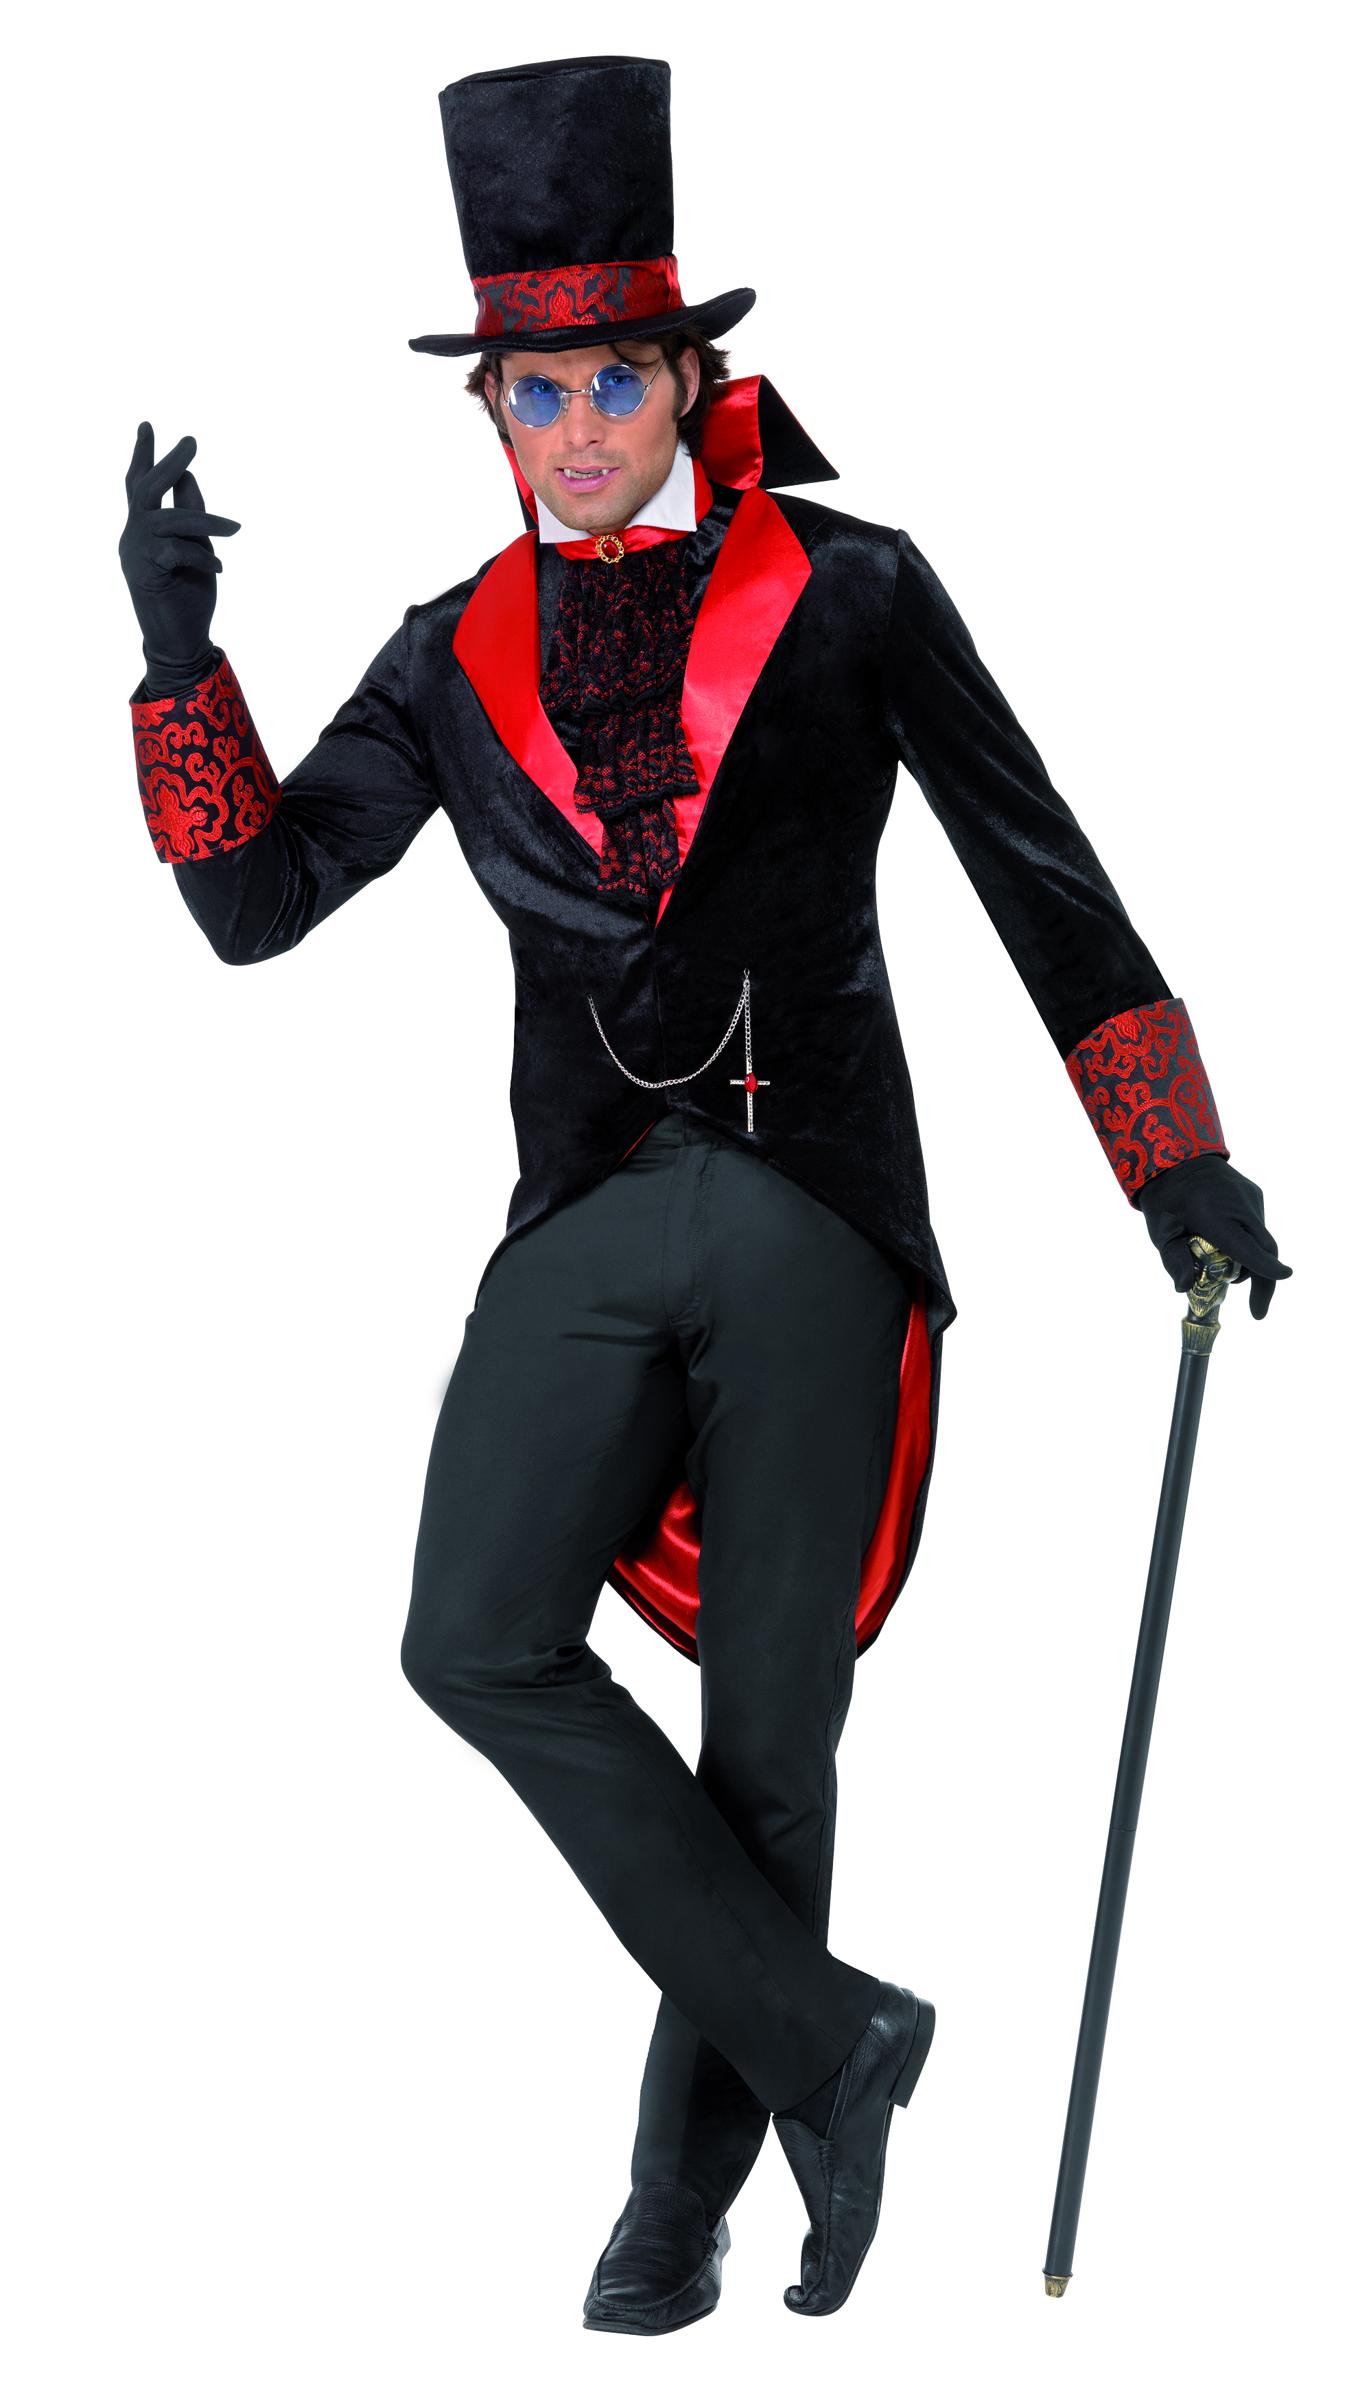 Halloween Kostüme Herren Einzigartig Dracula Kostüm Für Herren Zu Halloween Kostüme Für